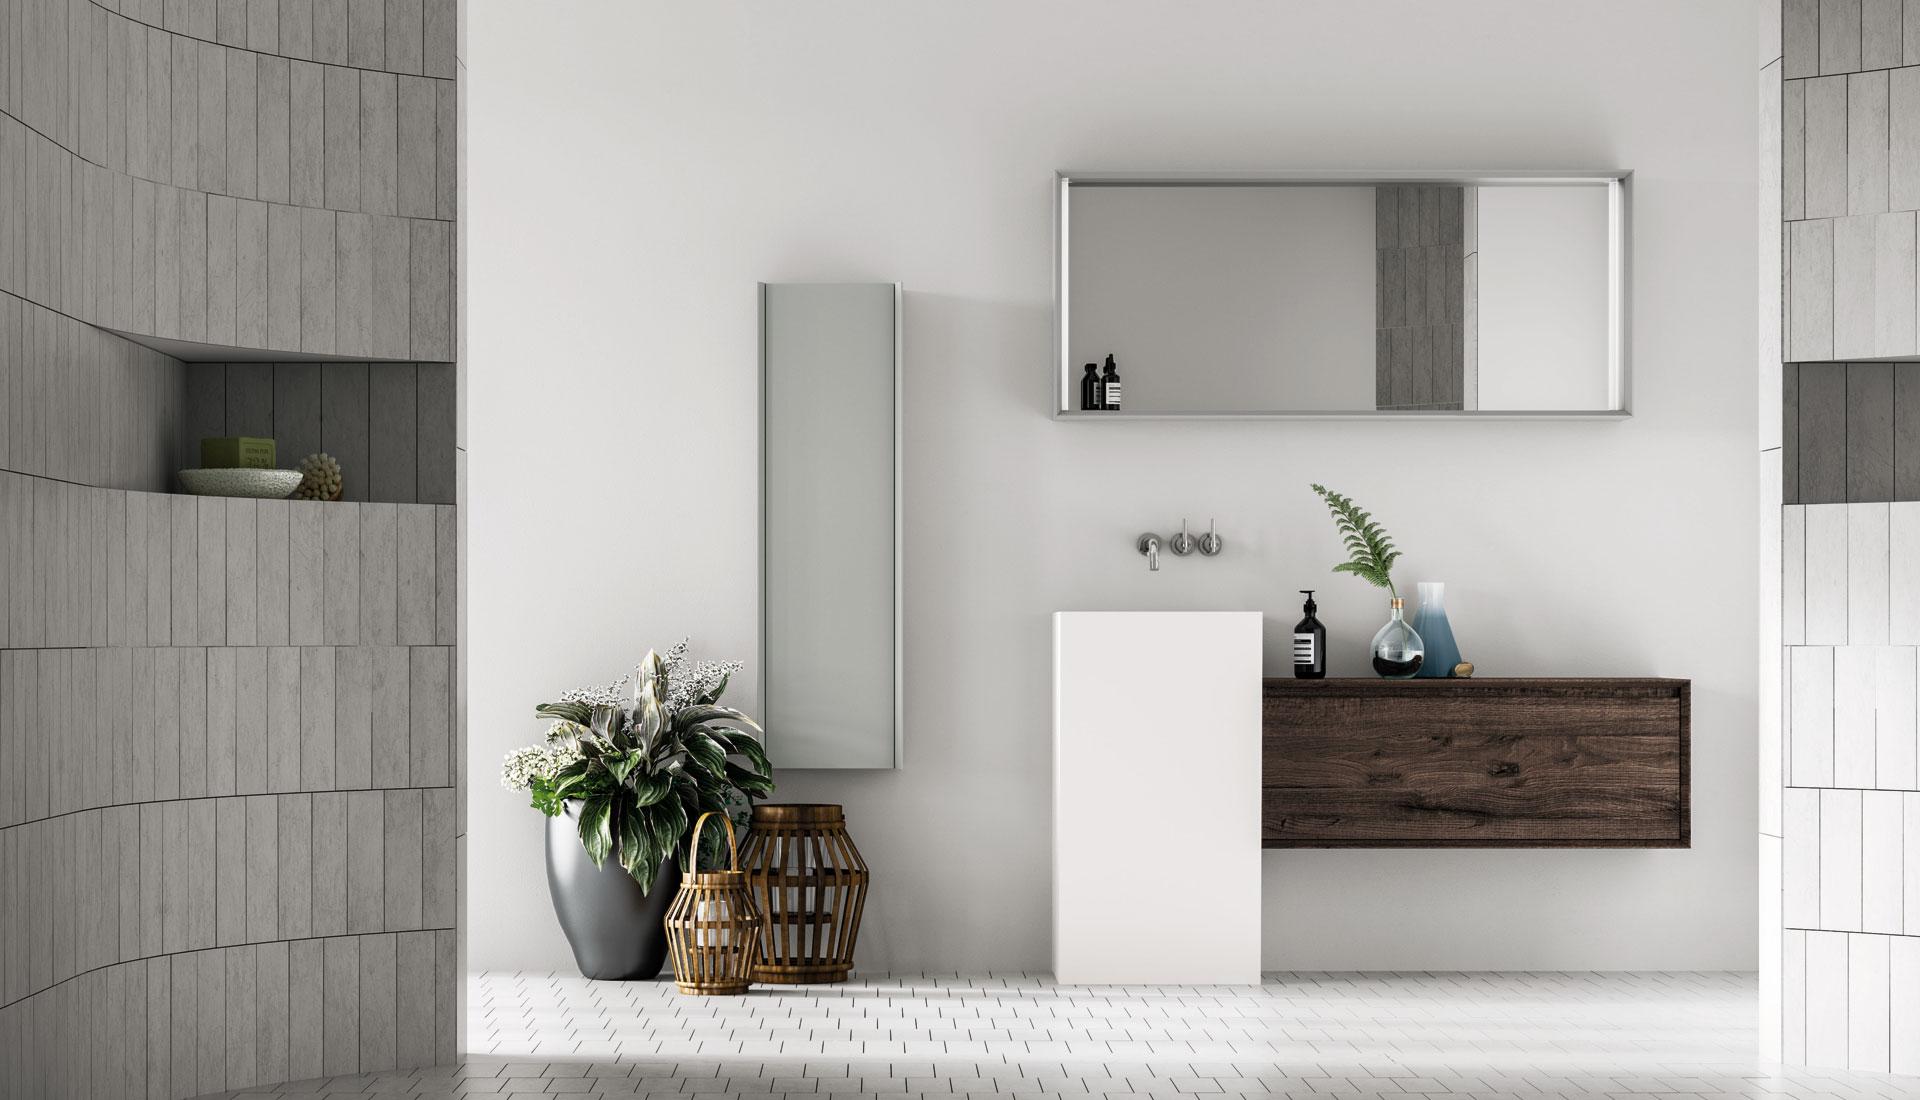 Arredo bagno puntotre mobili e arredamento bagno per la casa for Bagni arredo prezzi